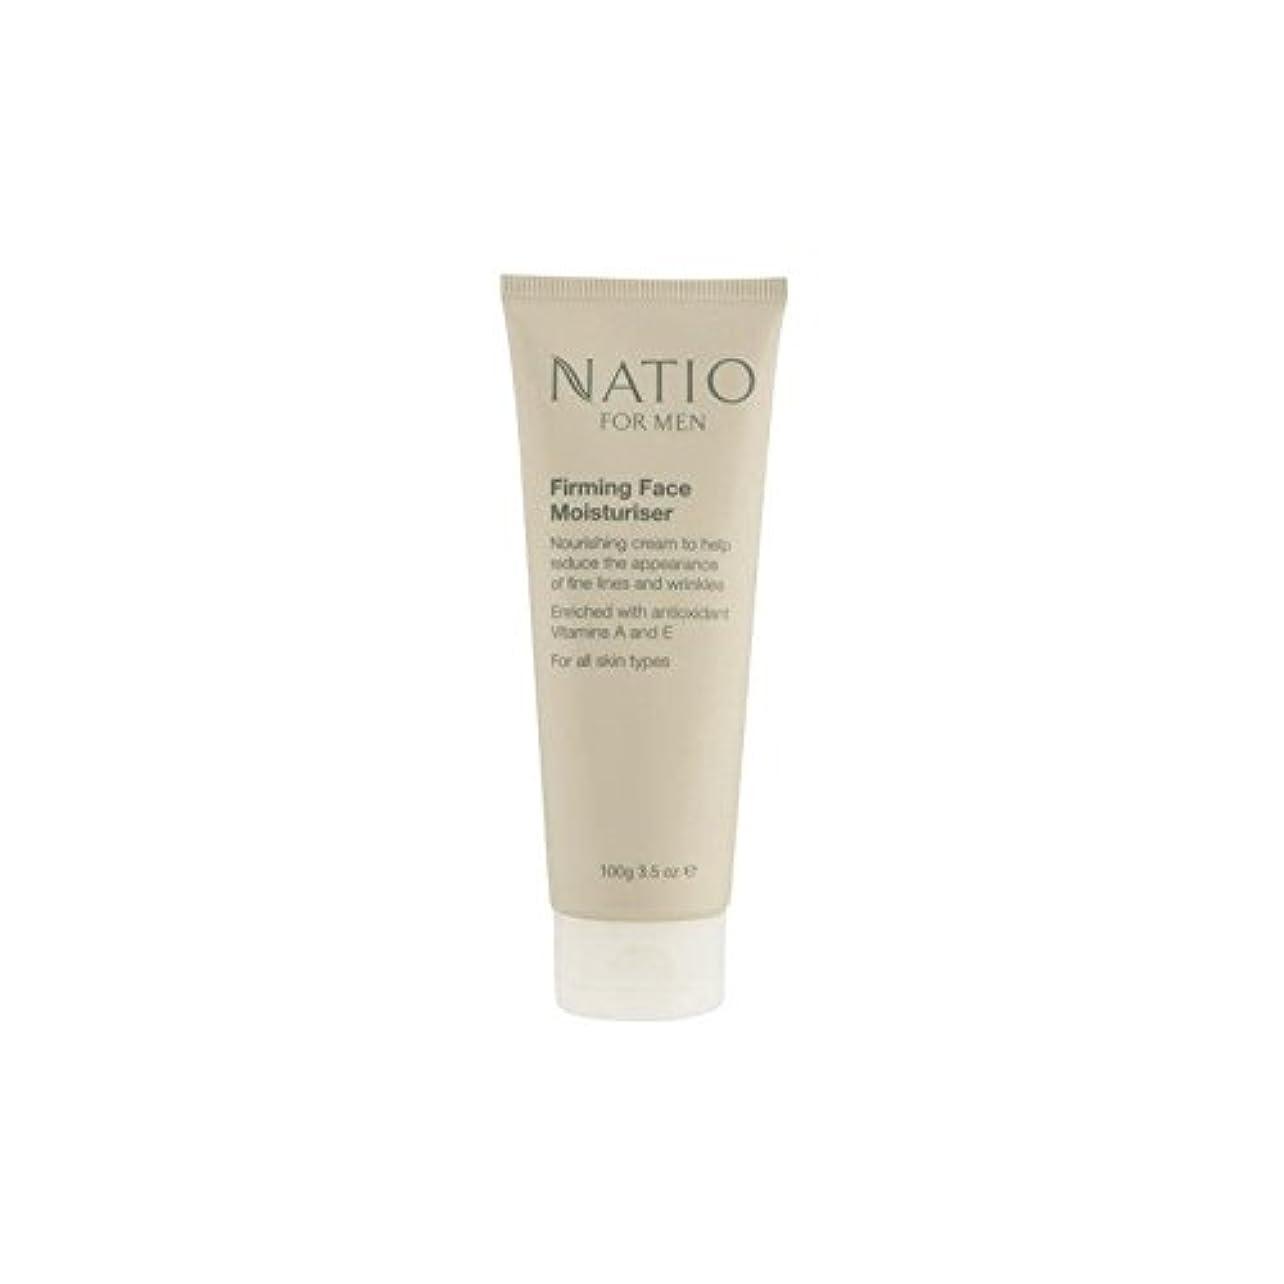 一致戻す医療のNatio For Men Firming Face Moisturiser (100G) - 顔の保湿剤を引き締め男性のための(100グラム) [並行輸入品]